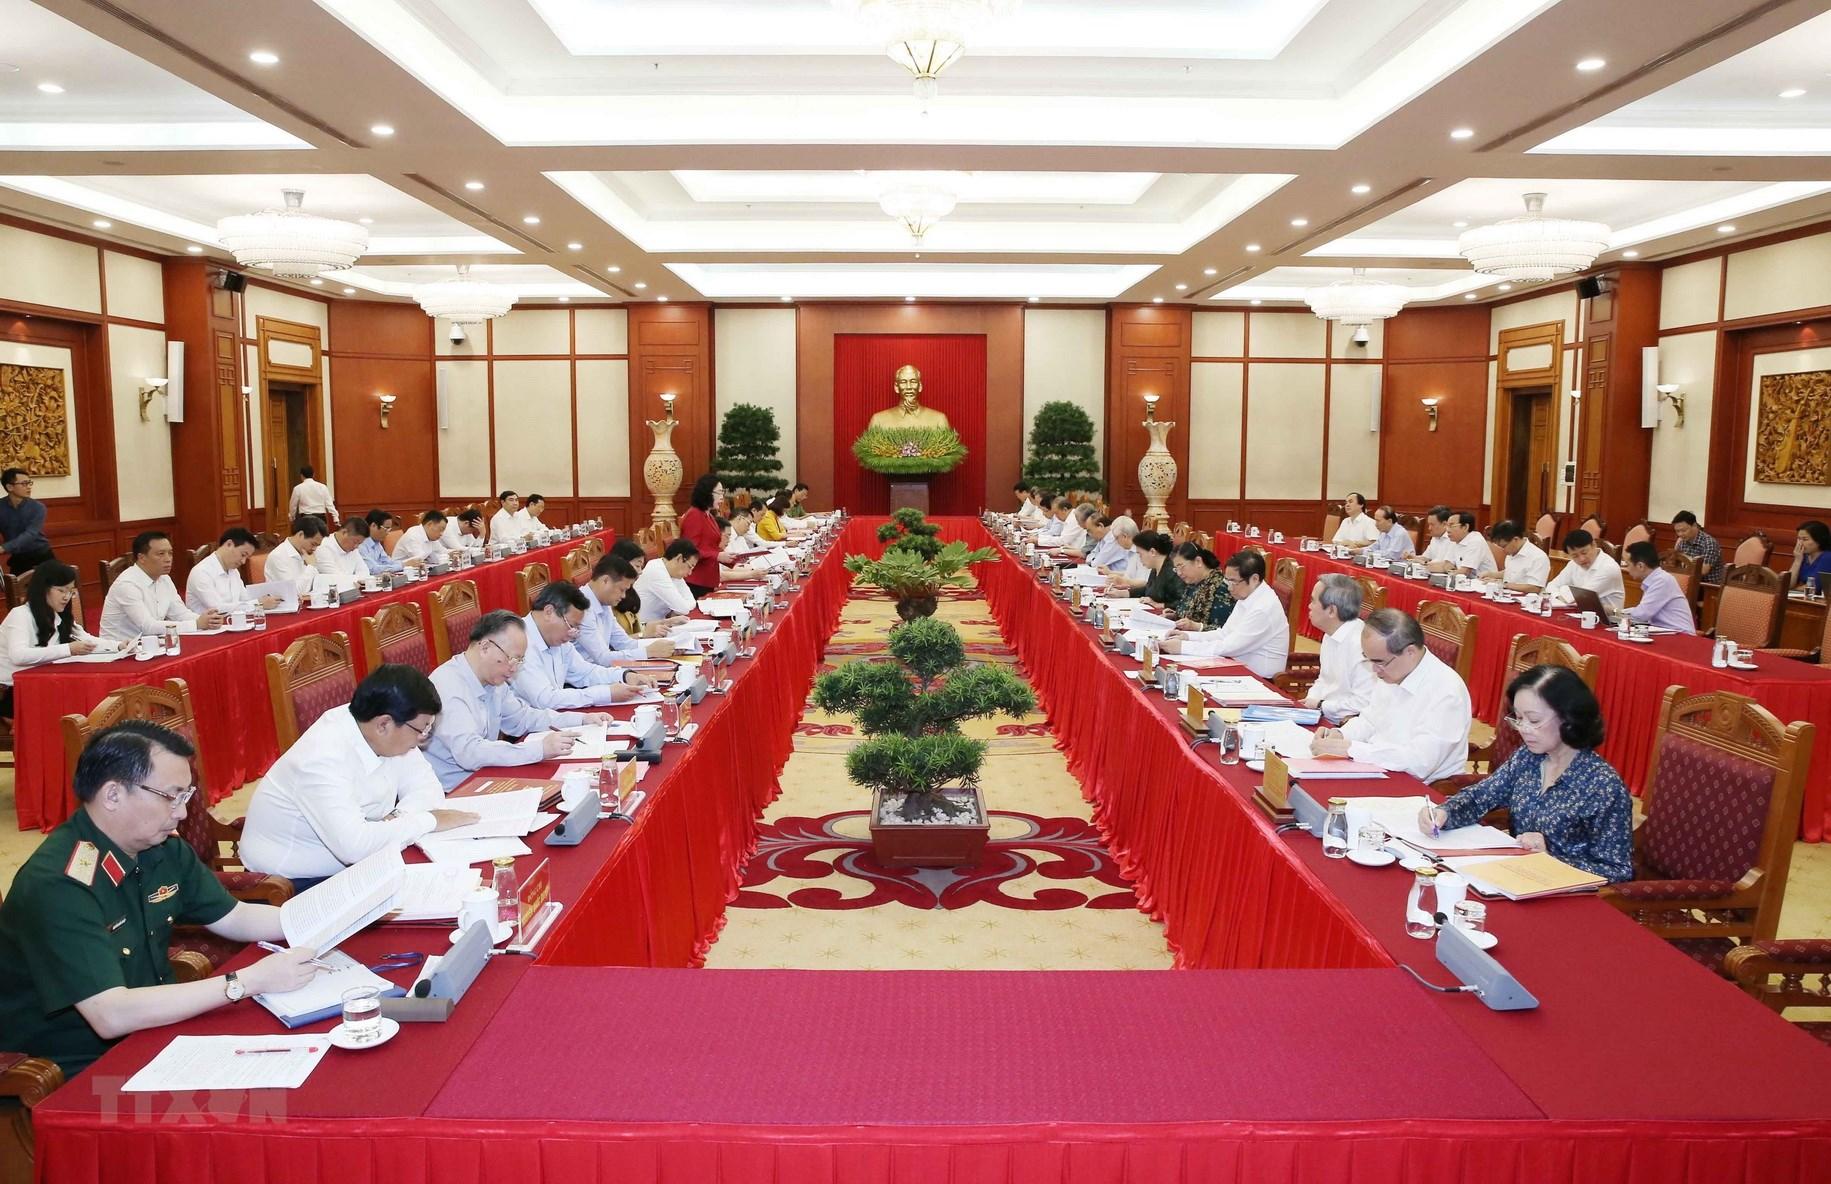 Bài học kinh nghiệm từ Đại hội đảng bộ cấp trên cơ sở của thành phố Hà Nội